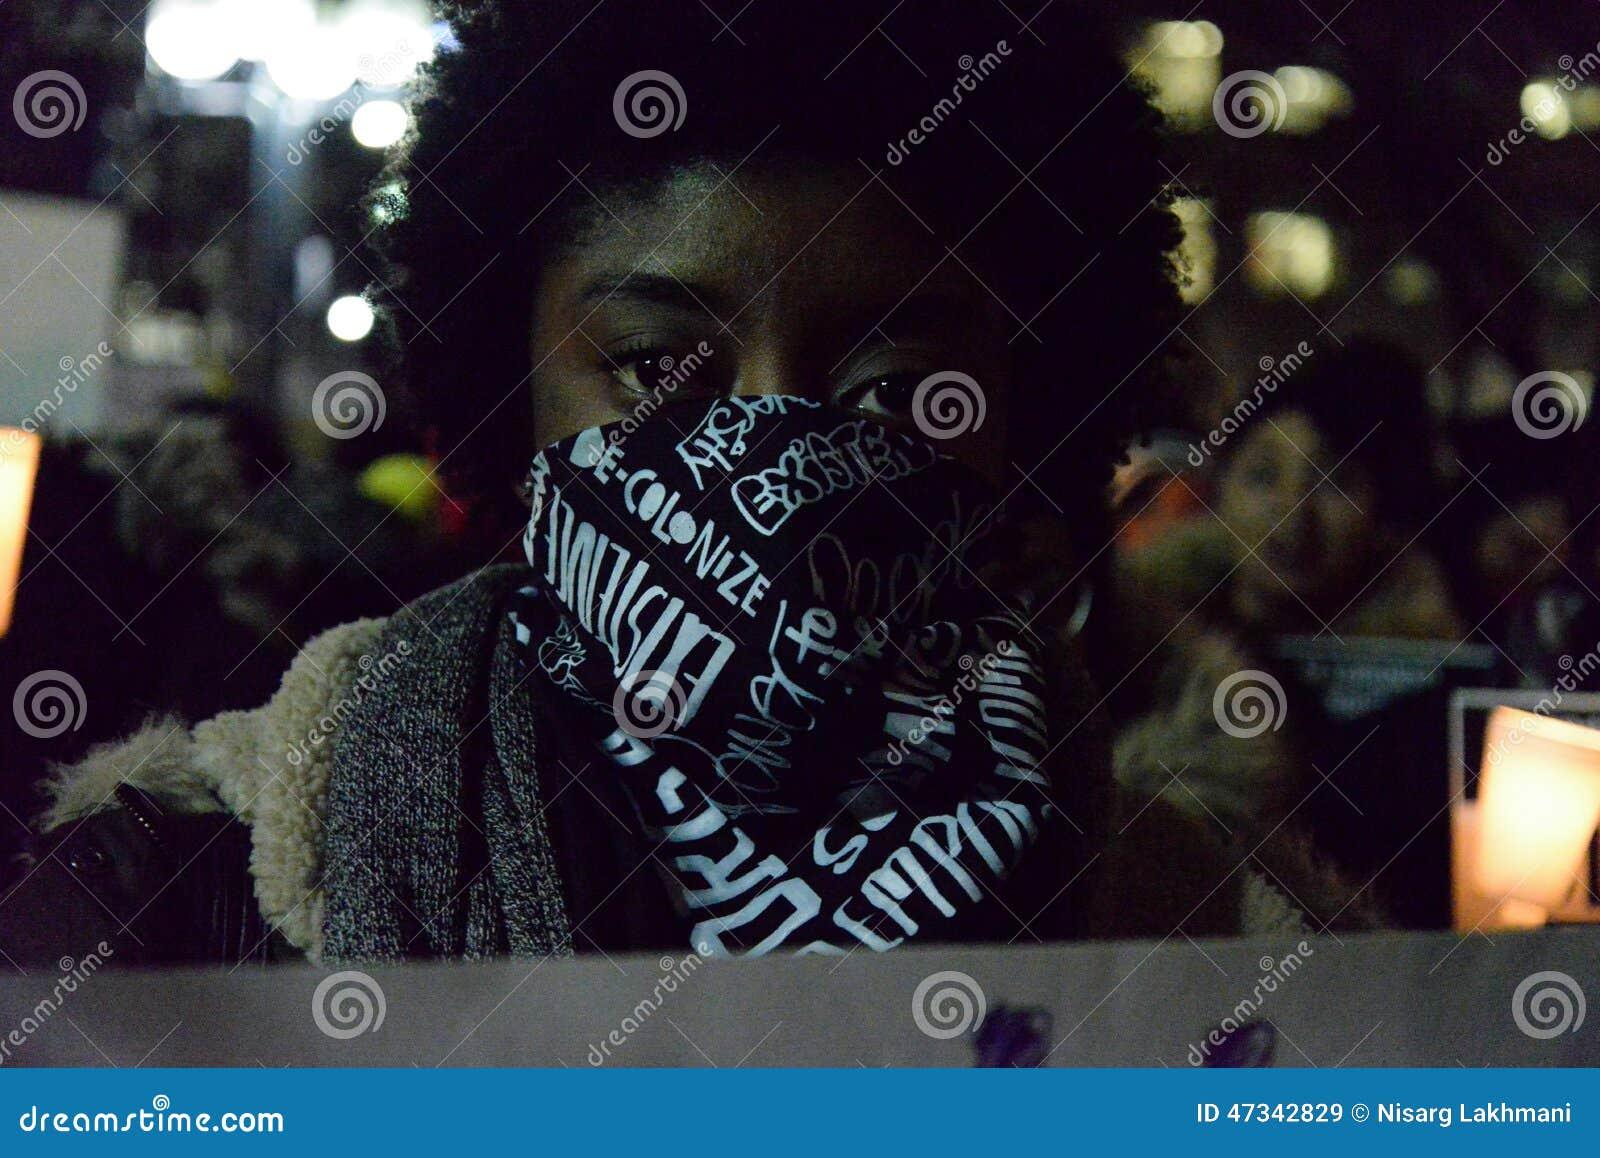 Η μαύρη Κοινότητα του Τορόντου λαμβάνει μέτρα στην αλληλεγγύη με τους διαμαρτυρομένους Ferguson